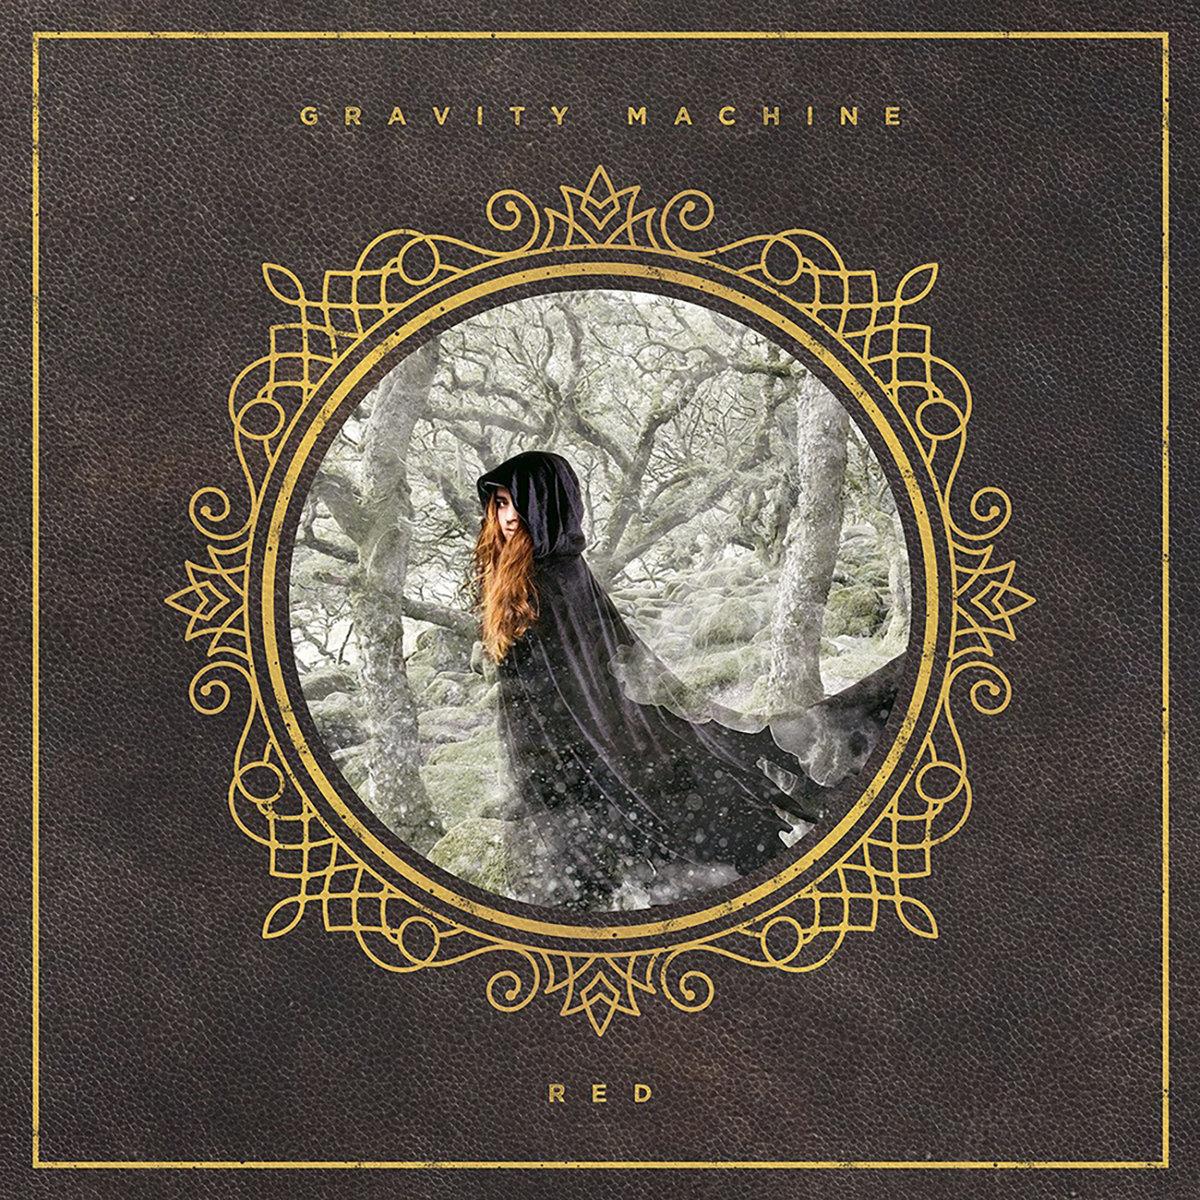 """Arriva """"Red"""", album dei Gravity Machine dedicato alla memoria della rossa Sophie"""